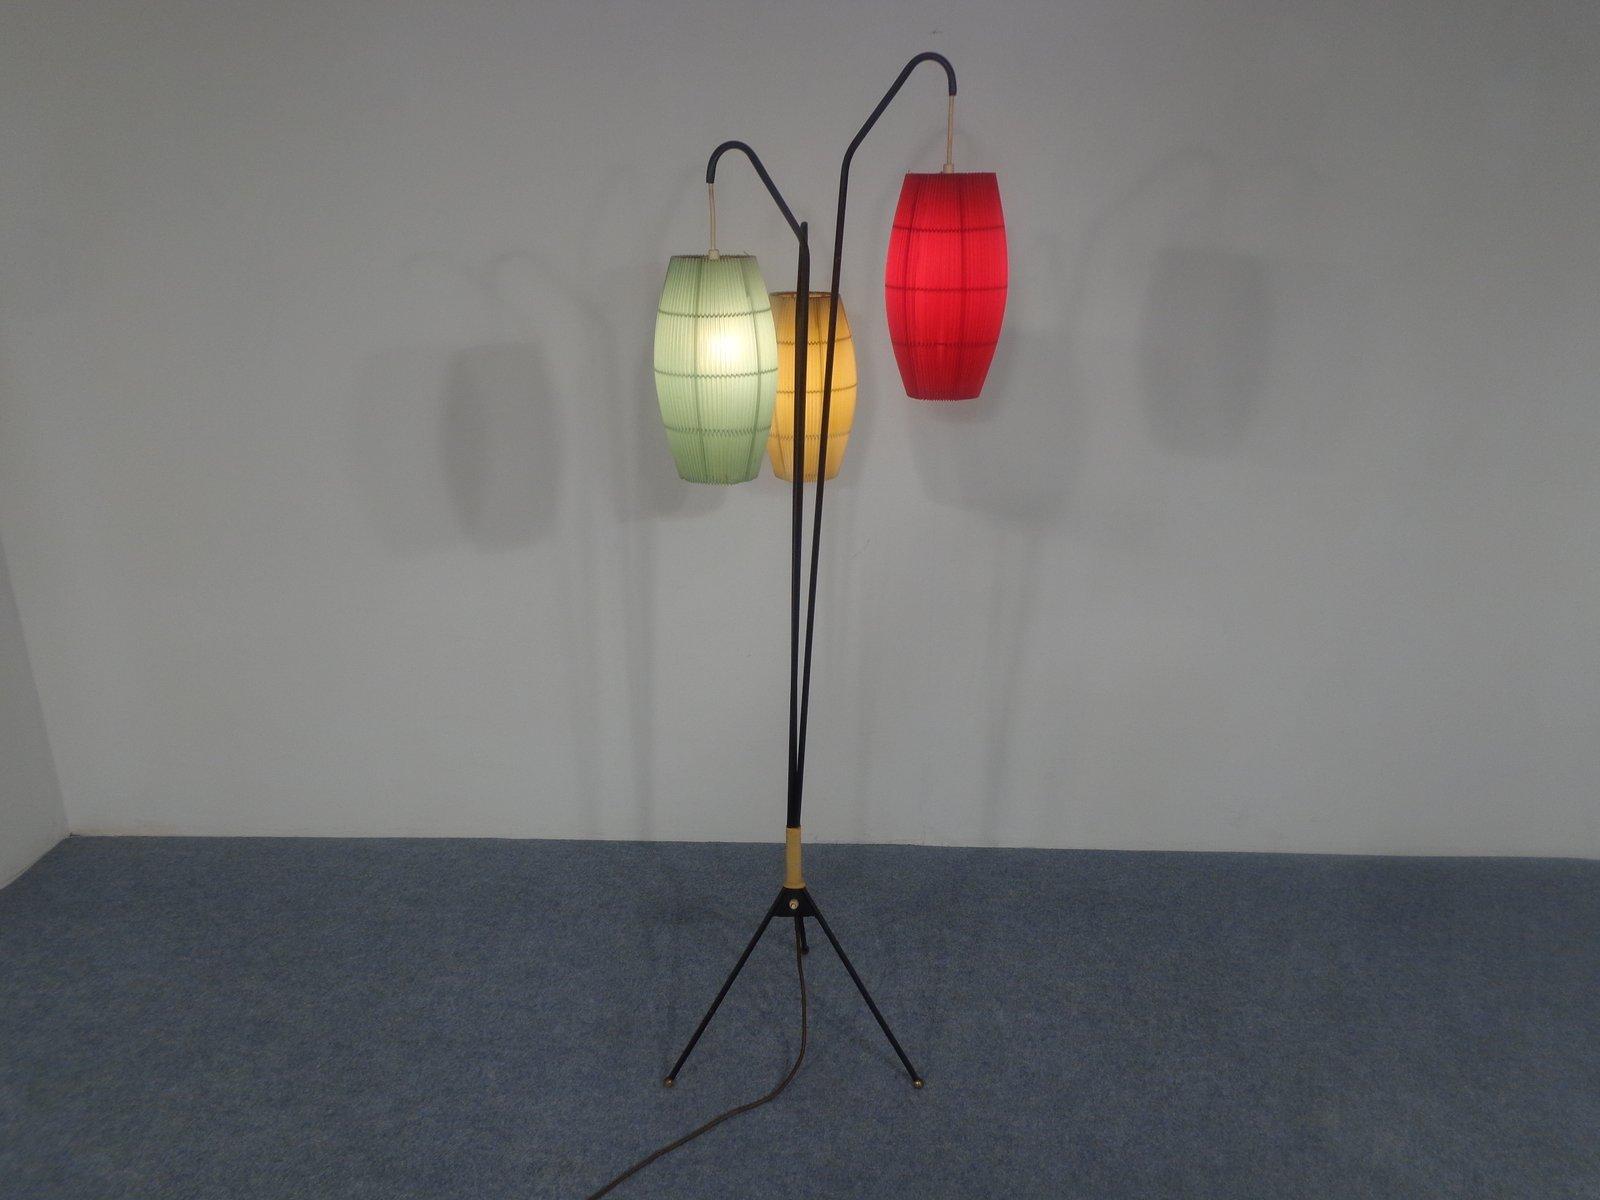 dreibein stehlampe mit drei leuchten 1950er bei pamono kaufen. Black Bedroom Furniture Sets. Home Design Ideas